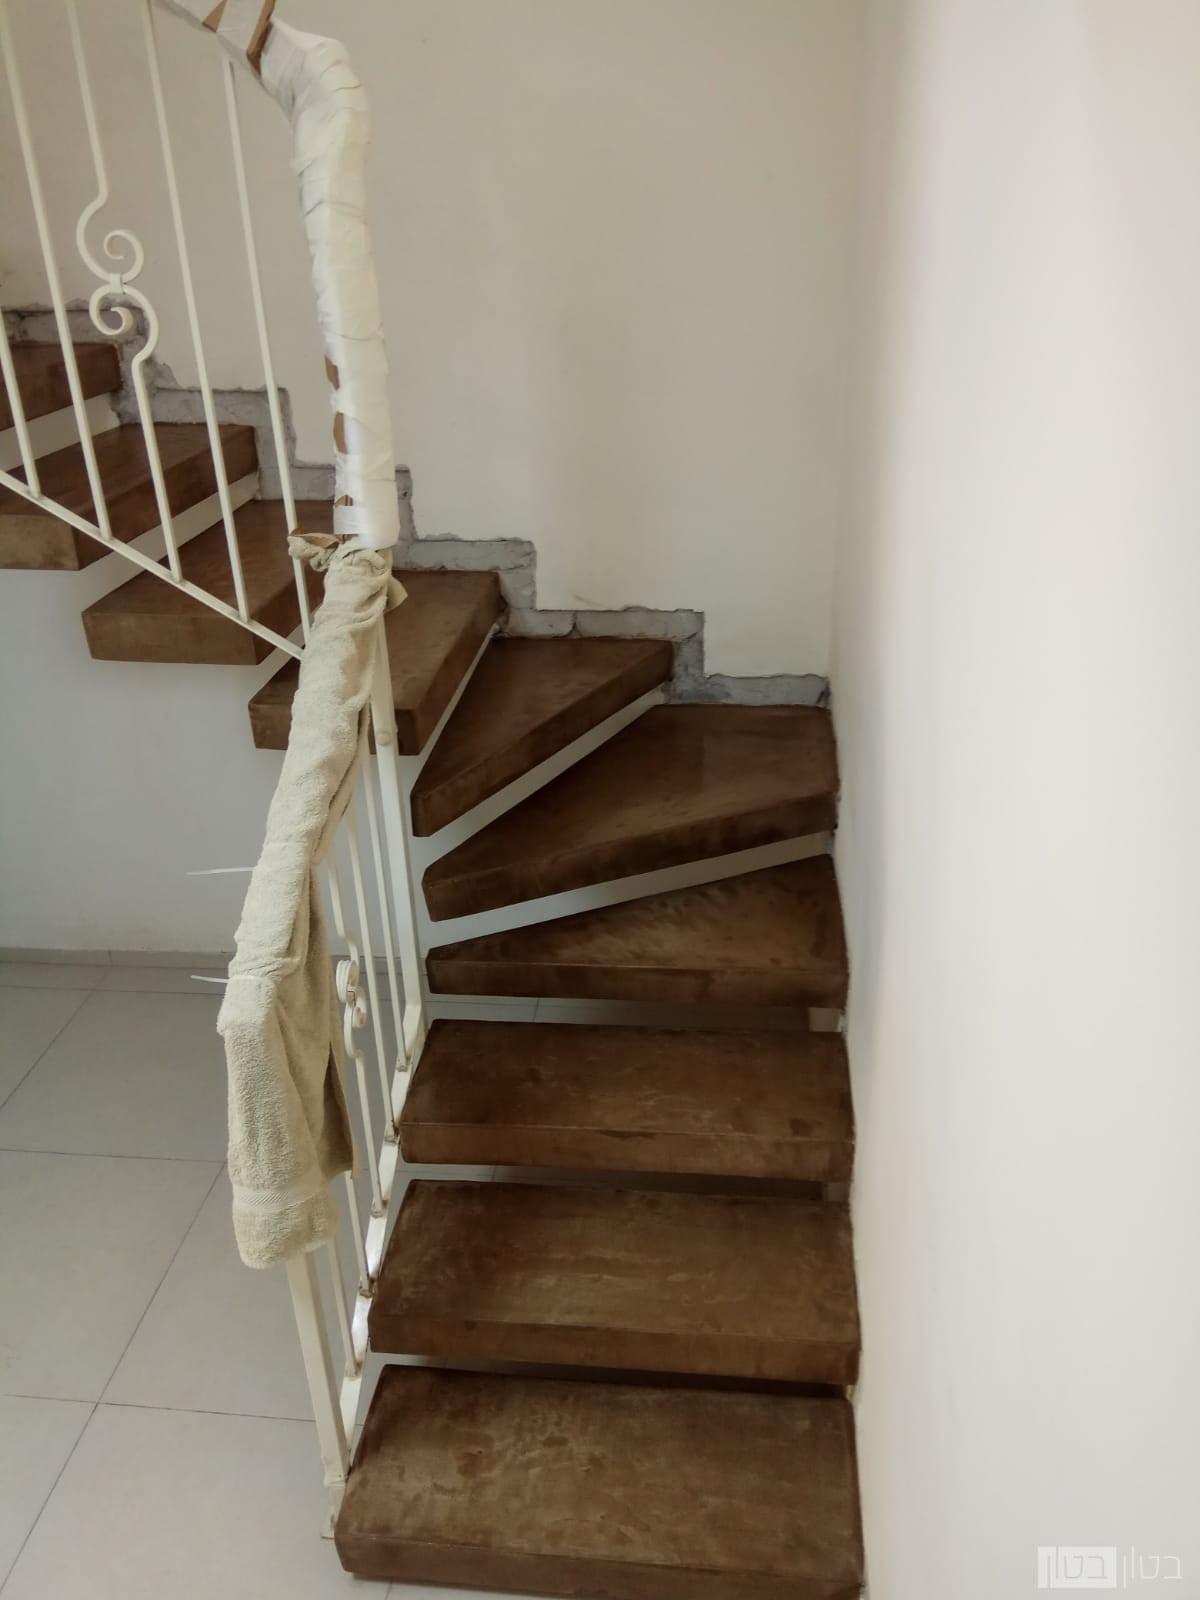 ציפוי מדרגות בטון בגוון אדמה